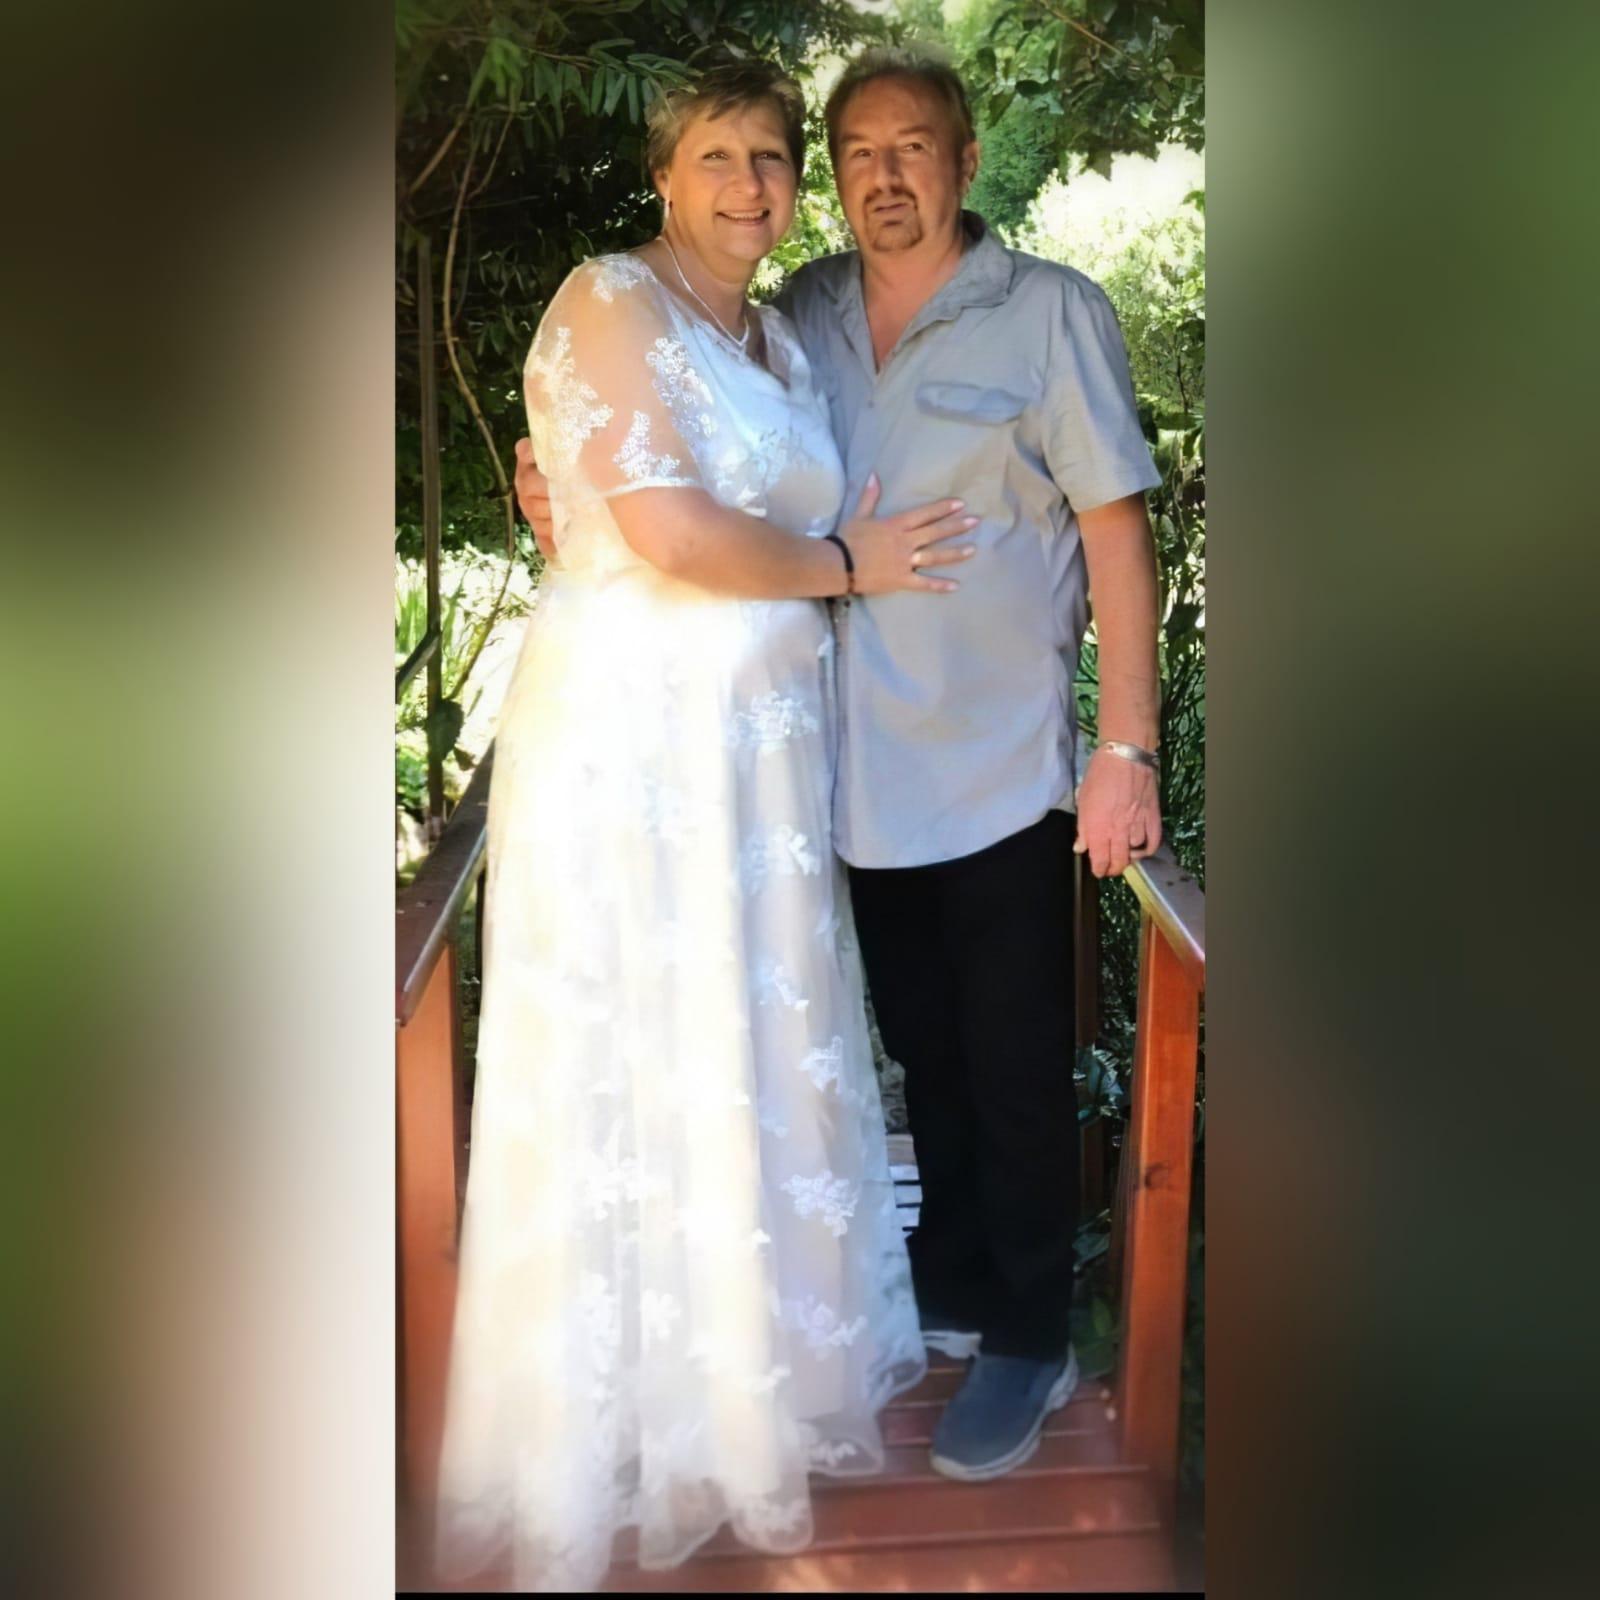 Vestido de casamento é simples e elegante em renda branca 3 vestido de noiva projetado e feito para minha cliente em africa do sul johannesburg. Este vestido de casamento é simples e elegante em renda branca. Com decote em v e mangas largas em forma de sino translúcida.